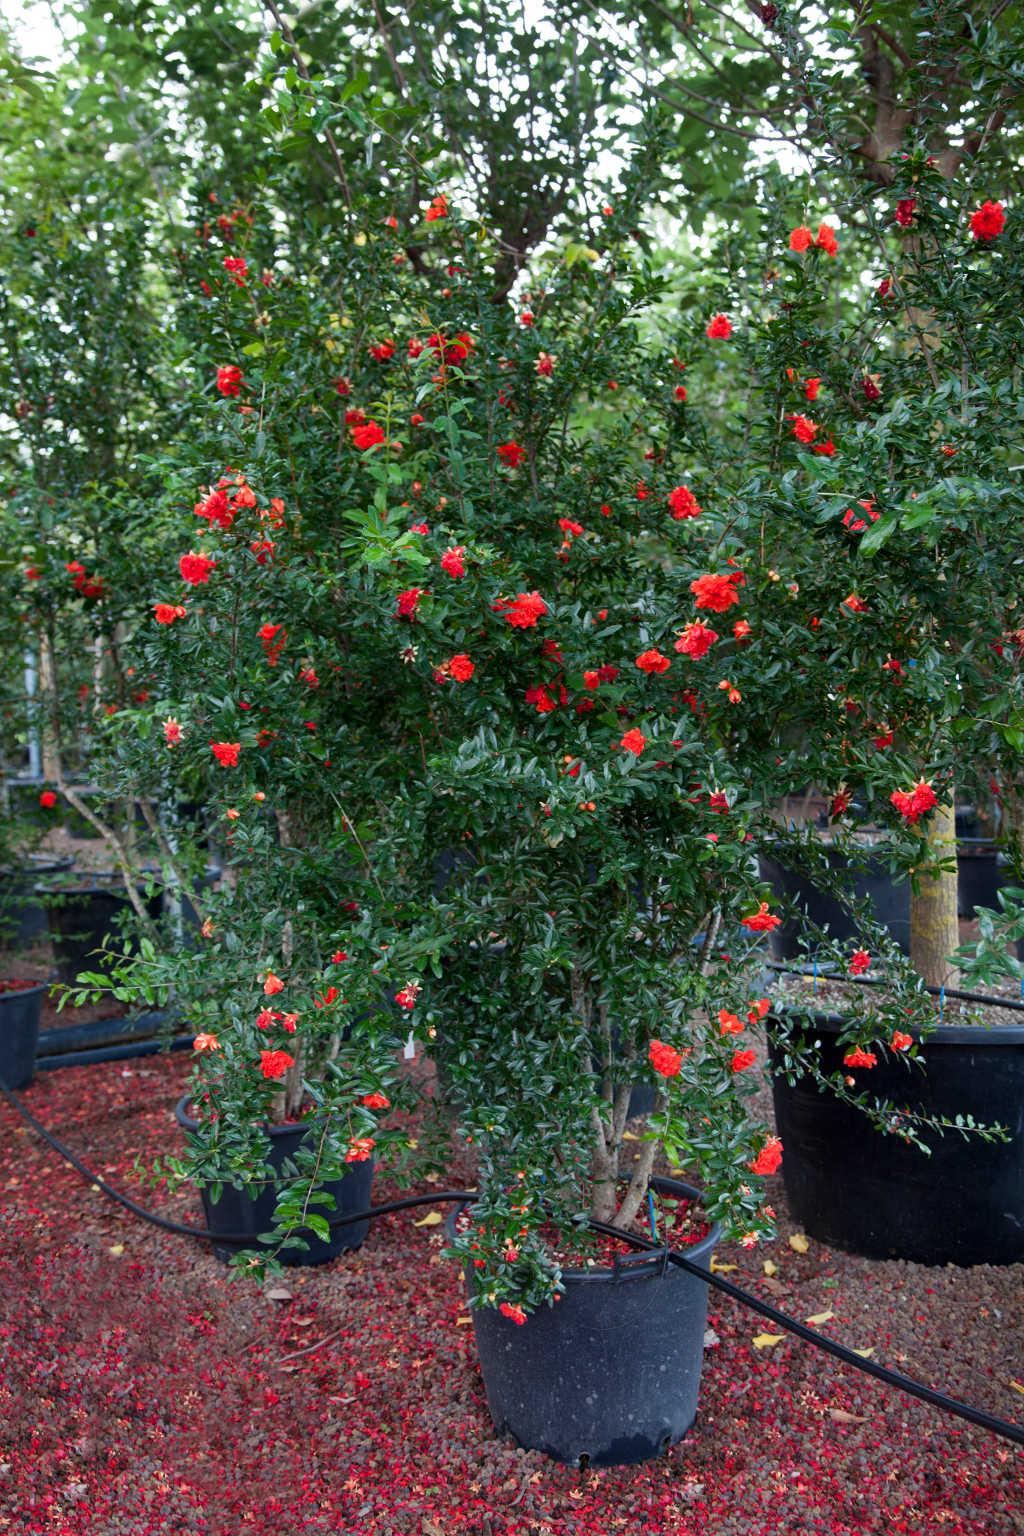 Punica granatum 'Rubrum Flore Pleno'